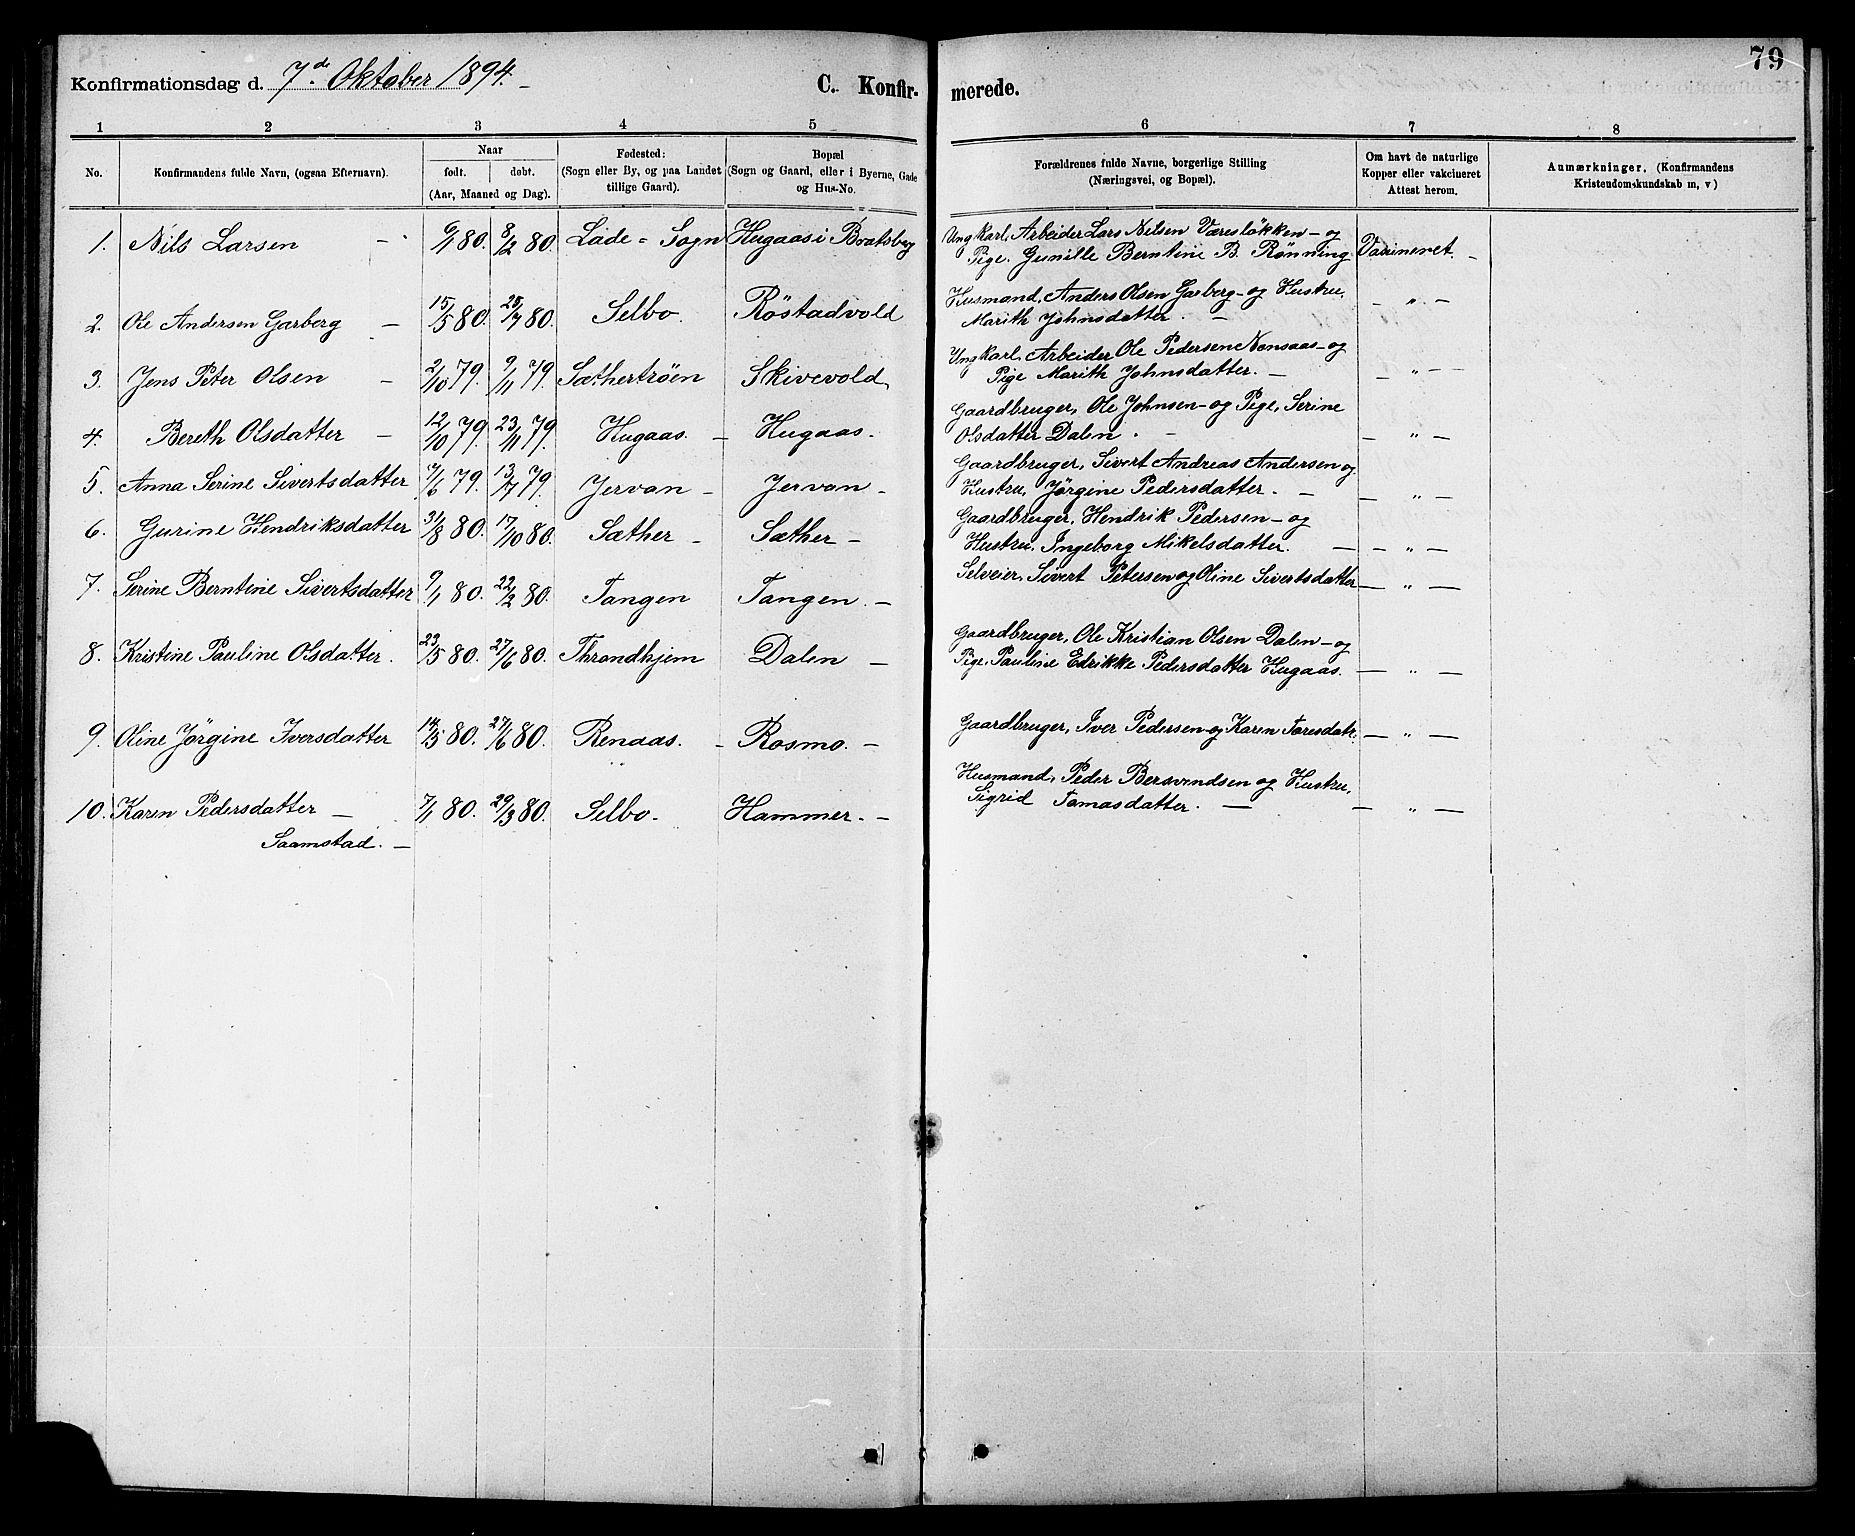 SAT, Ministerialprotokoller, klokkerbøker og fødselsregistre - Sør-Trøndelag, 608/L0341: Klokkerbok nr. 608C07, 1890-1912, s. 79